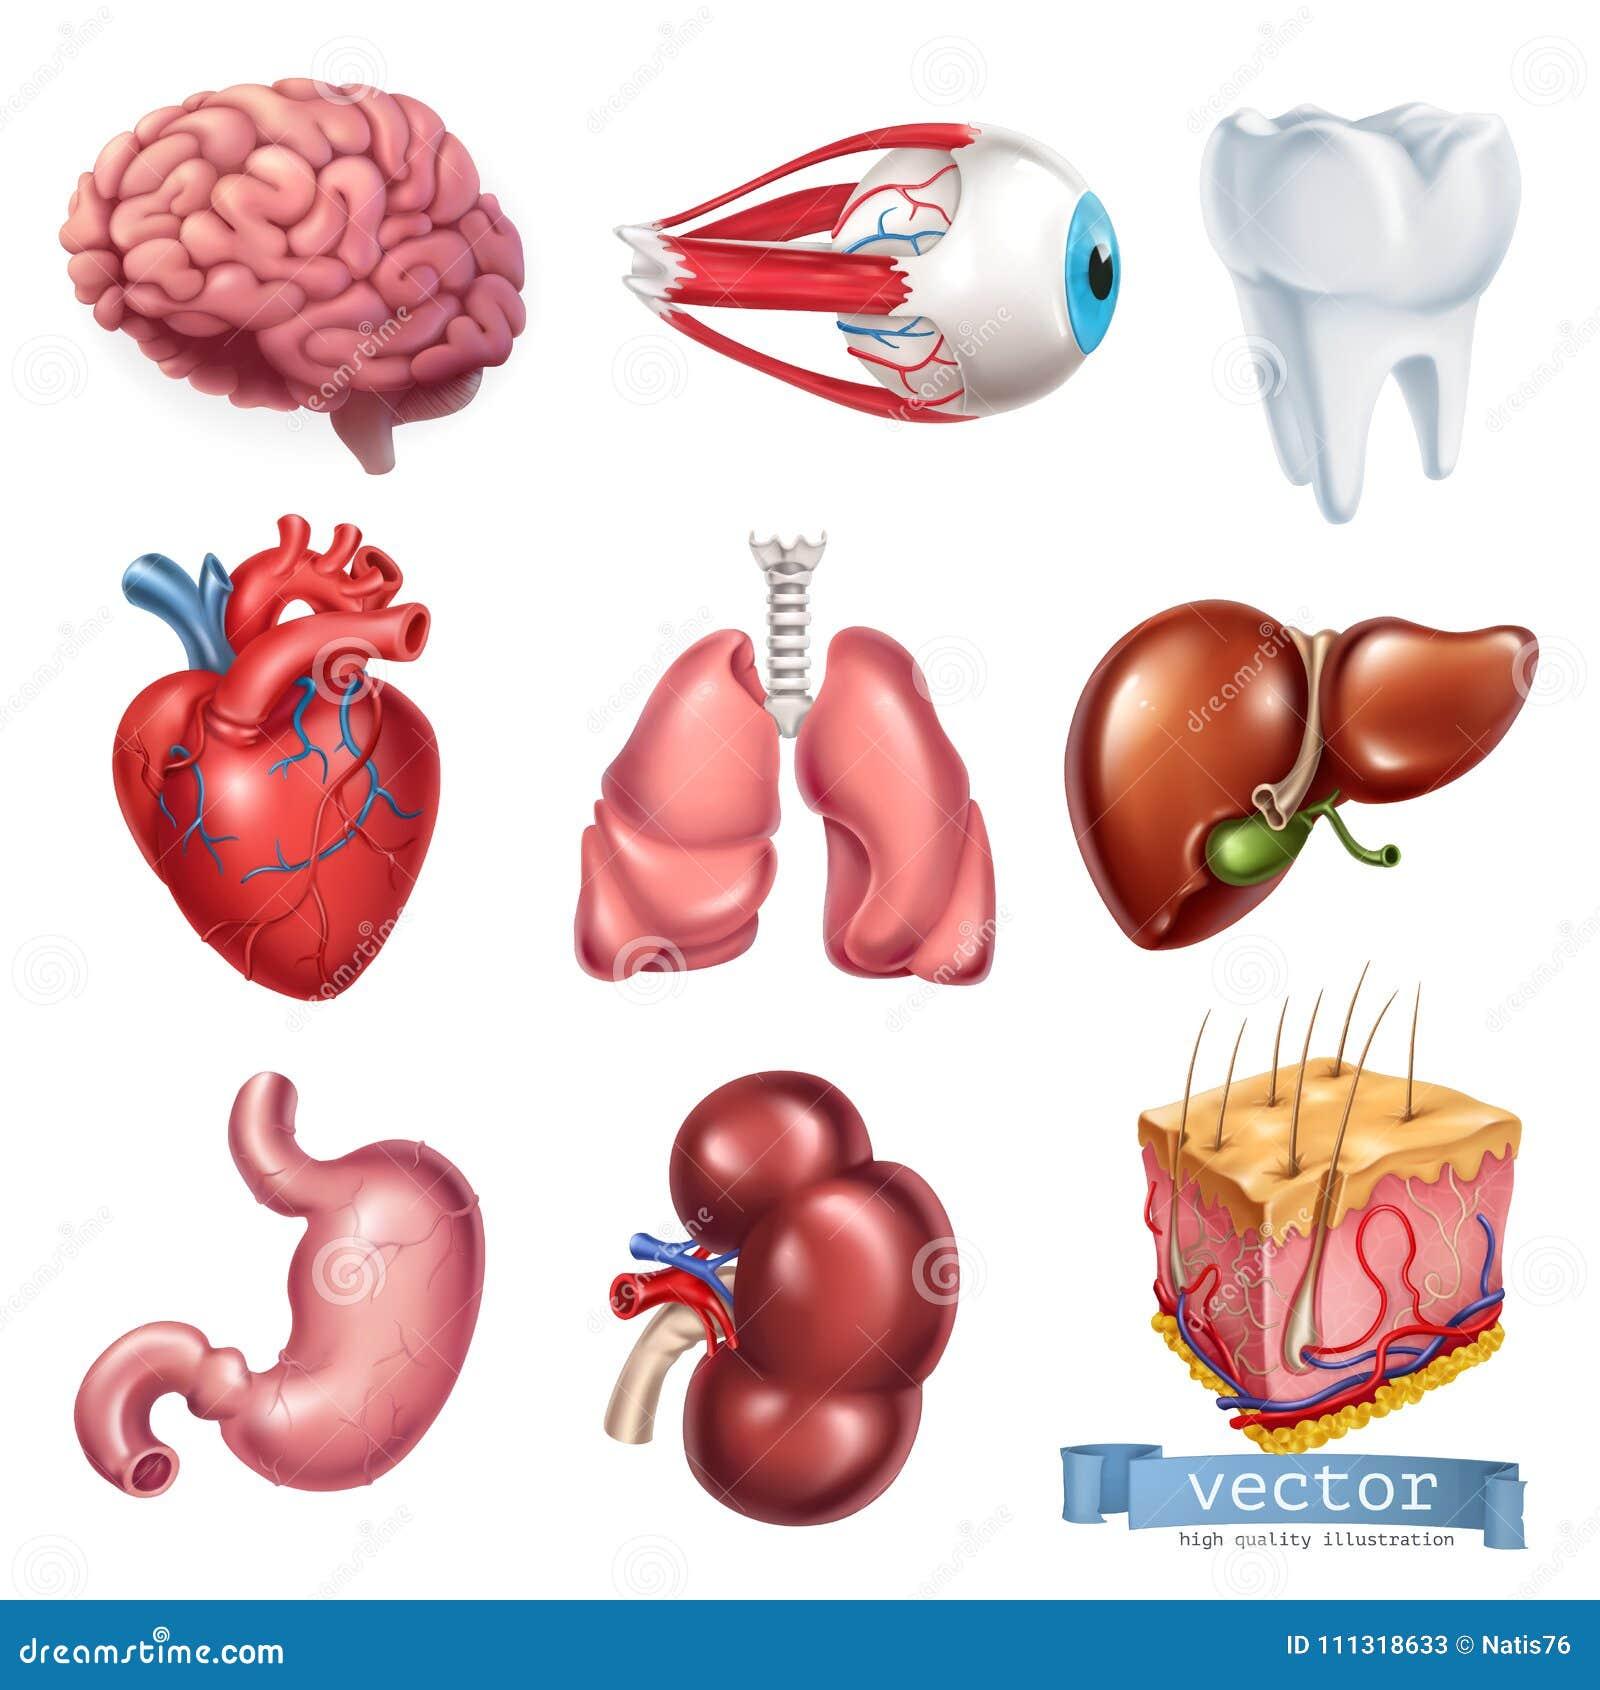 Coração humano, cérebro, olho, dente, pulmões, fígado, estômago, rim, pele grupo do ícone do vetor 3d